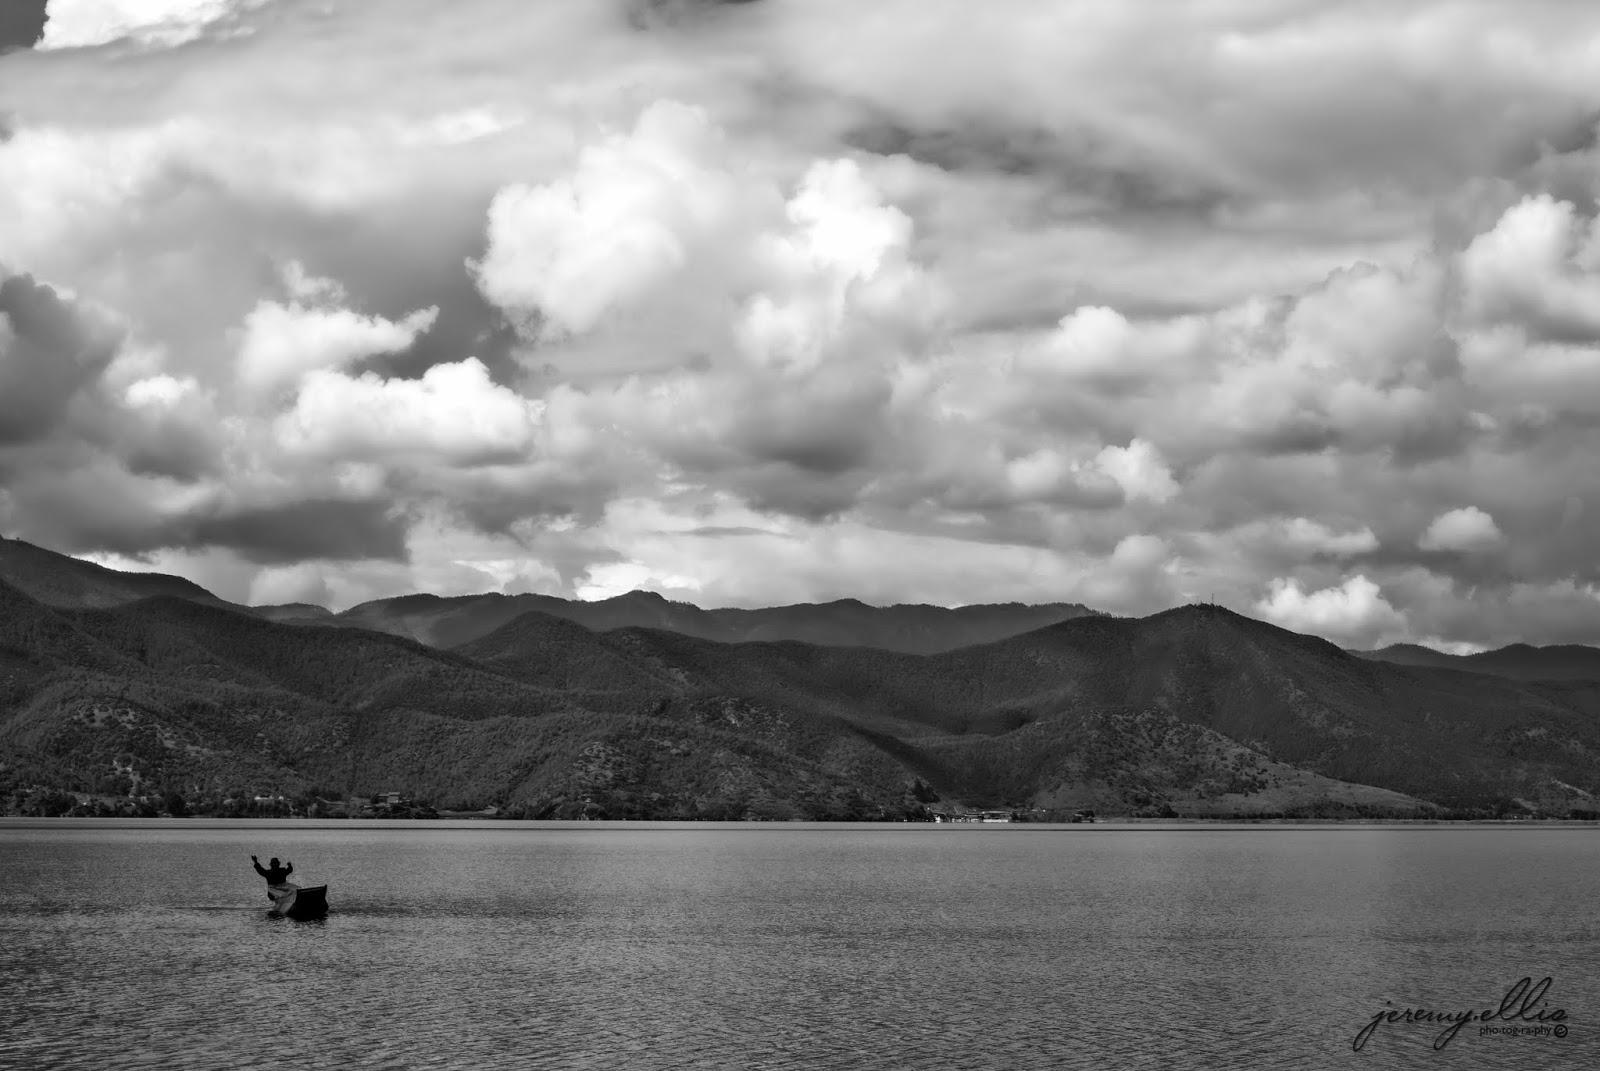 boating on Lugu Lake